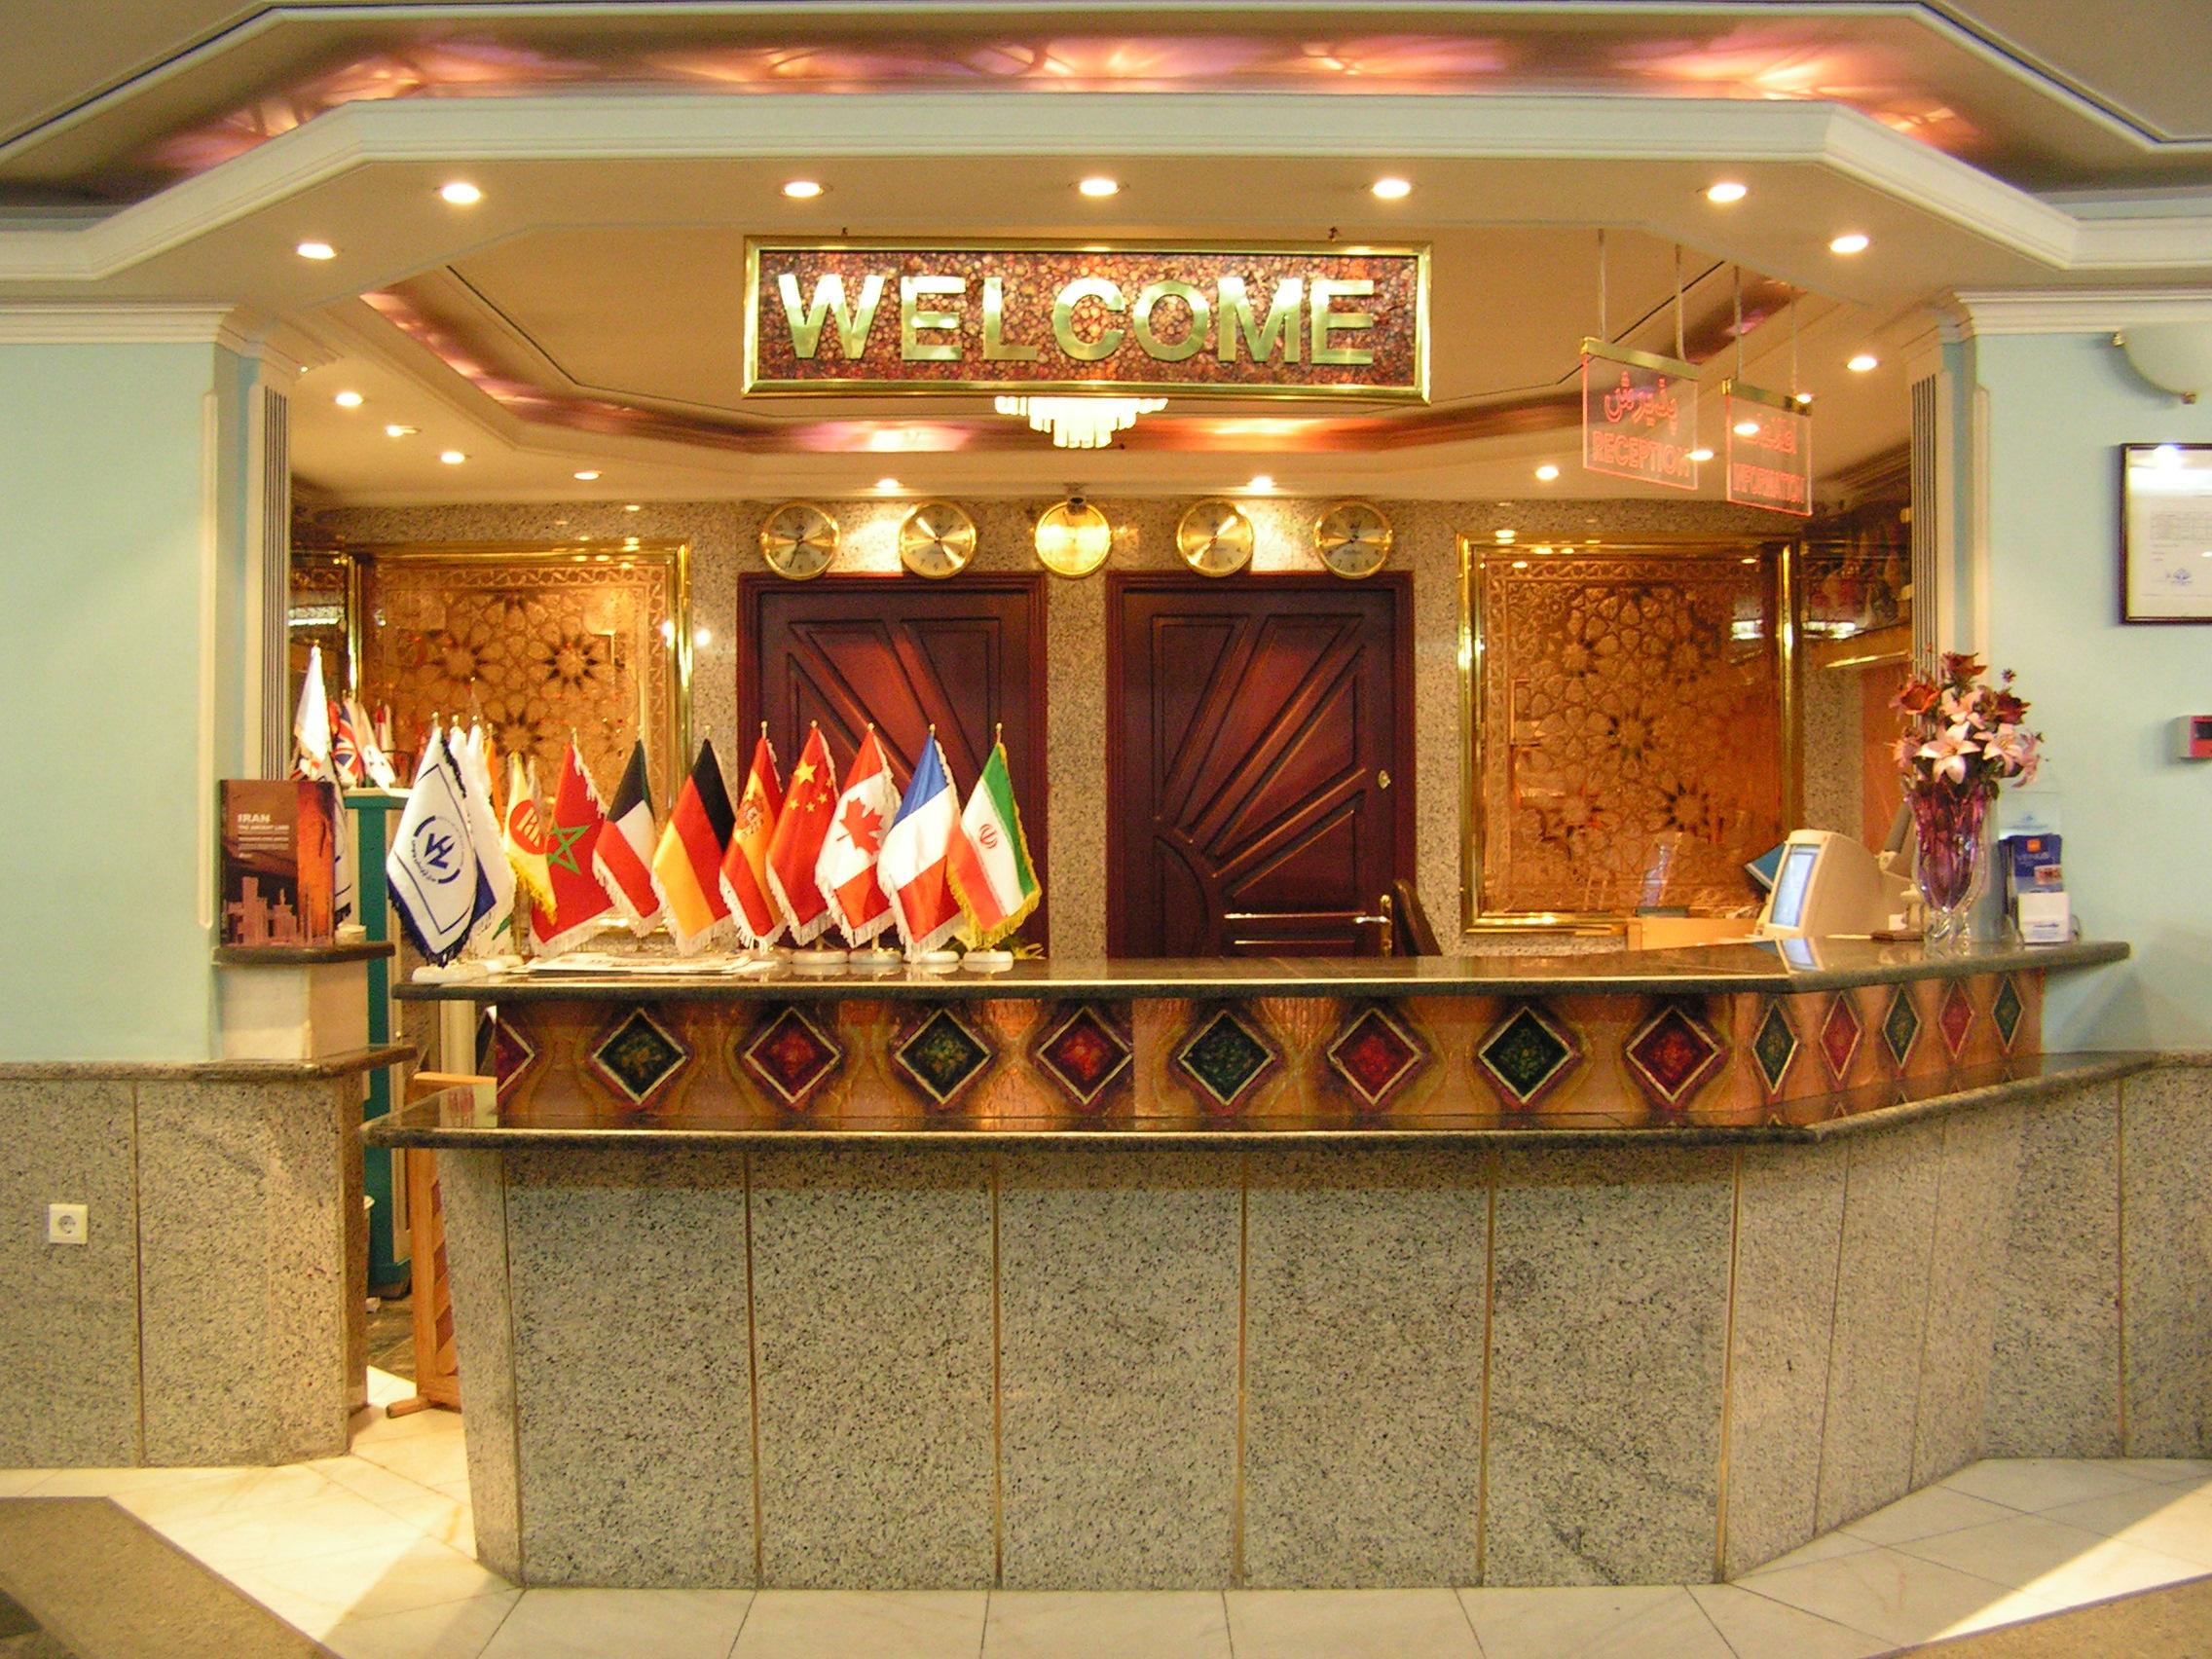 کاهش 10 درصدی مشتریان هتلهای کشور